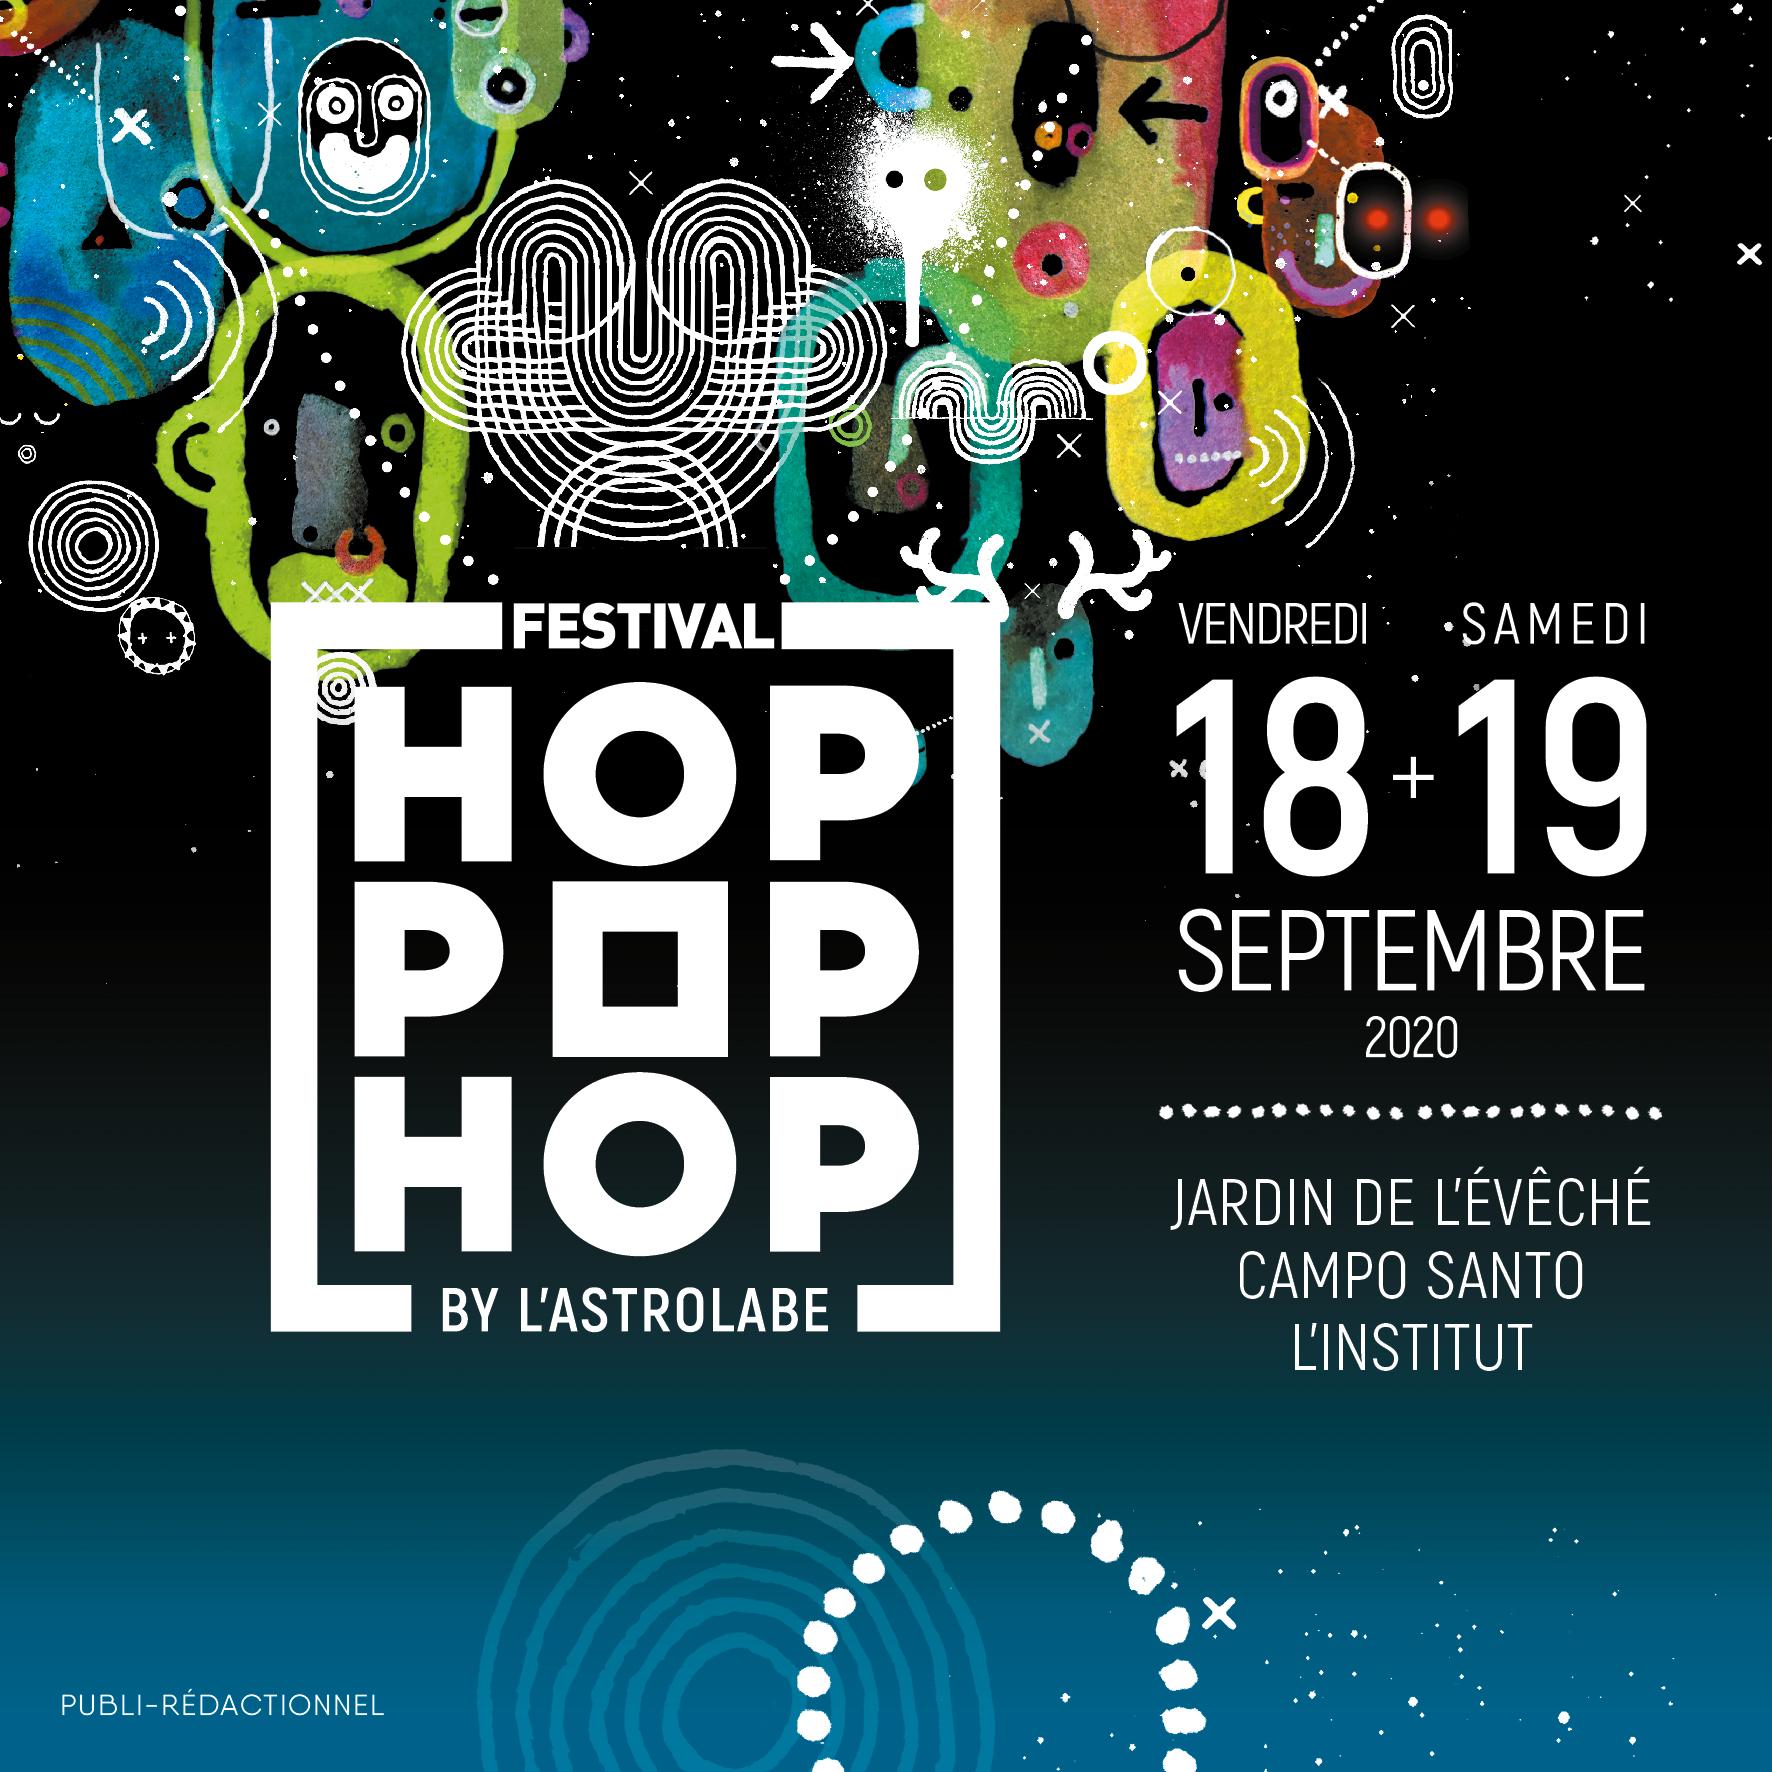 Hop Pop Hop festival musique concert Orléans septembre